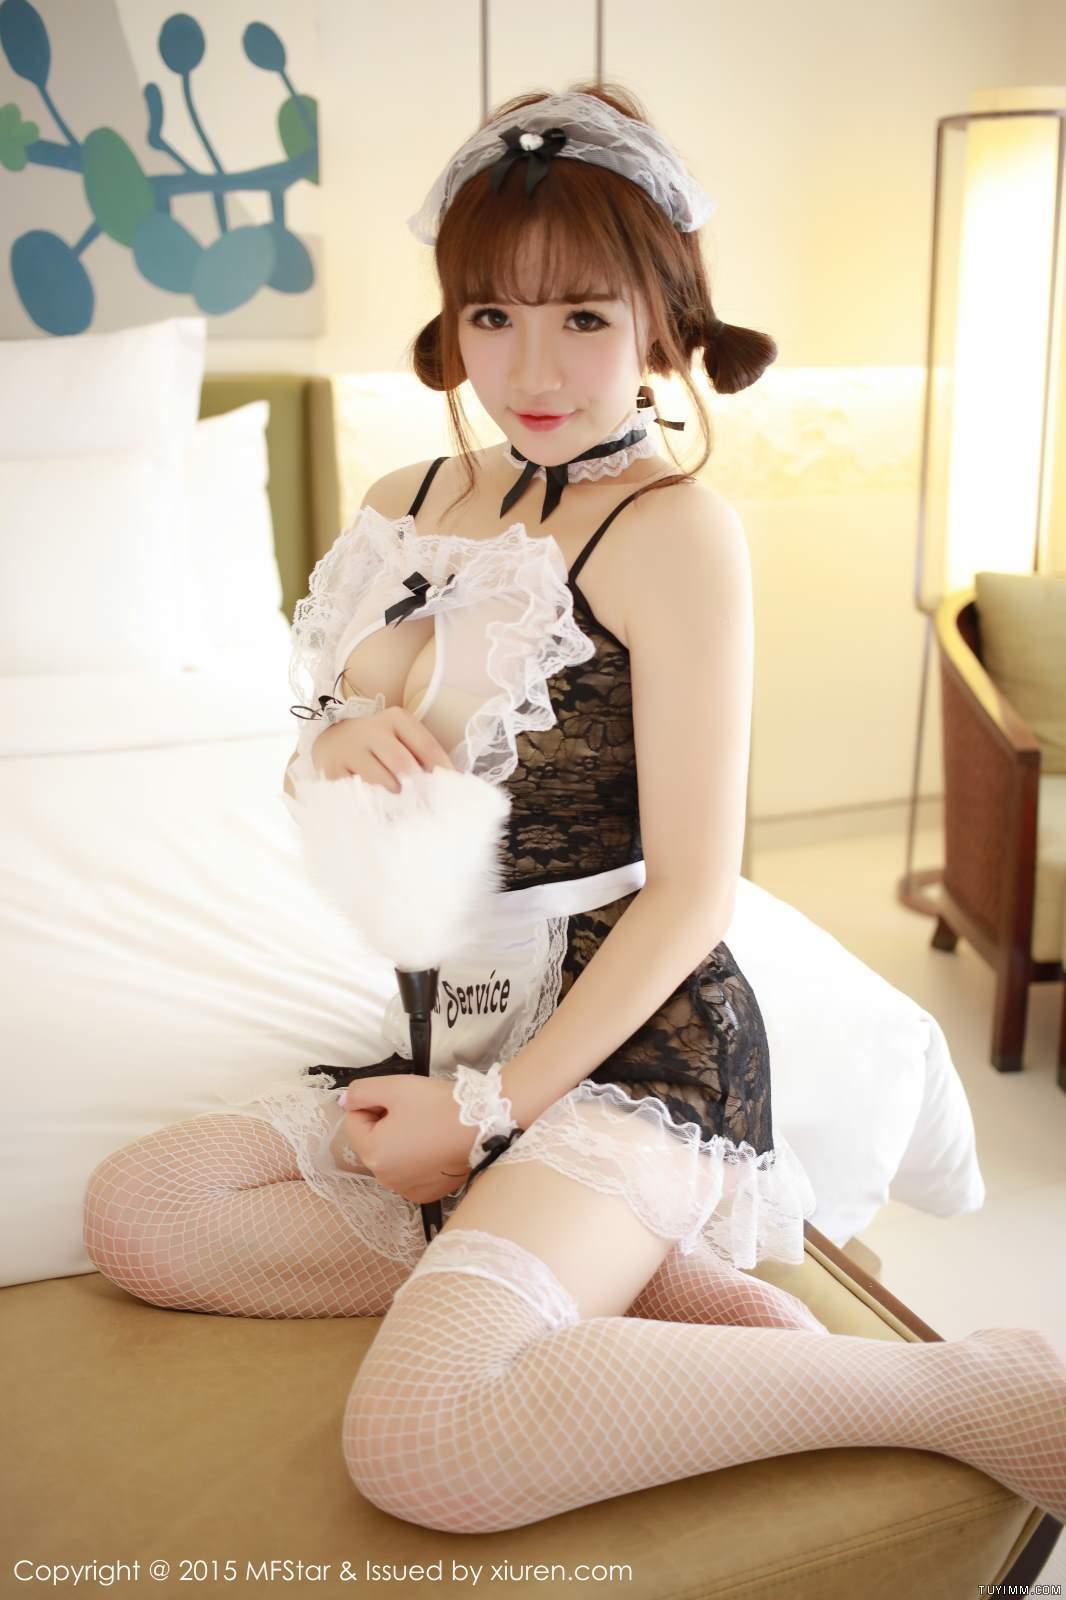 [福利]漂亮御姐护士肉丝脱衣制服诱惑爆乳福利写真-第24张图片-哔哔娱乐网